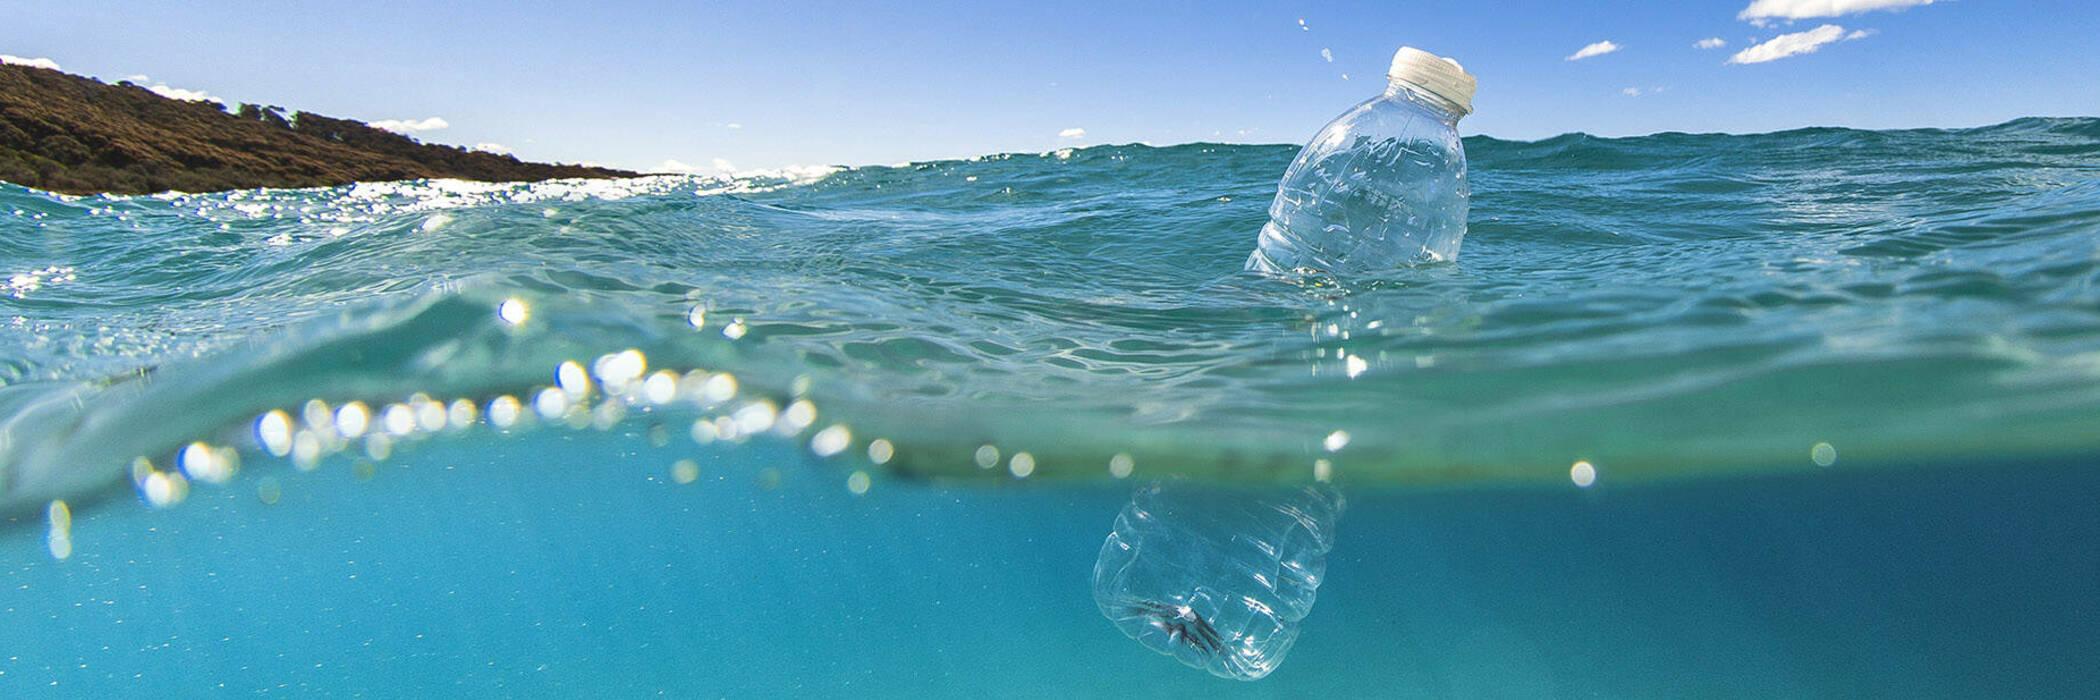 Plastic bottle floating in water